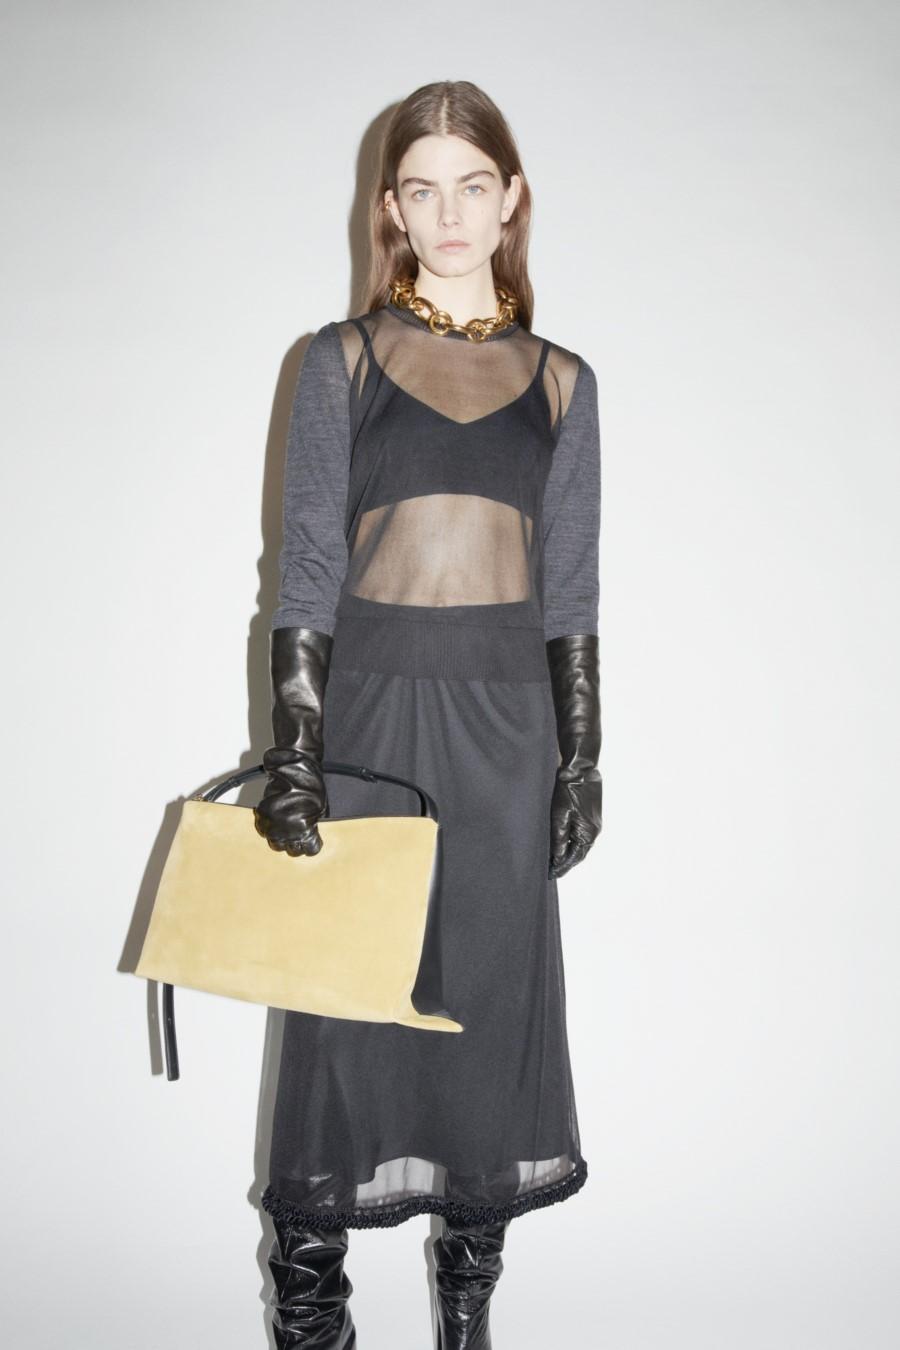 Jil Sander Fall Winter 2021 - Paris Fashion WeekJil Sander Fall Winter 2021 - Paris Fashion Week